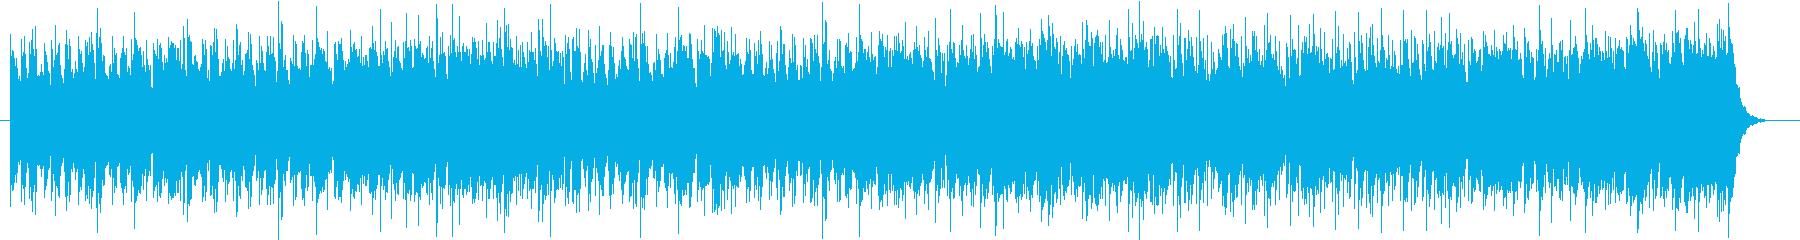 明るいケルトBGMの再生済みの波形